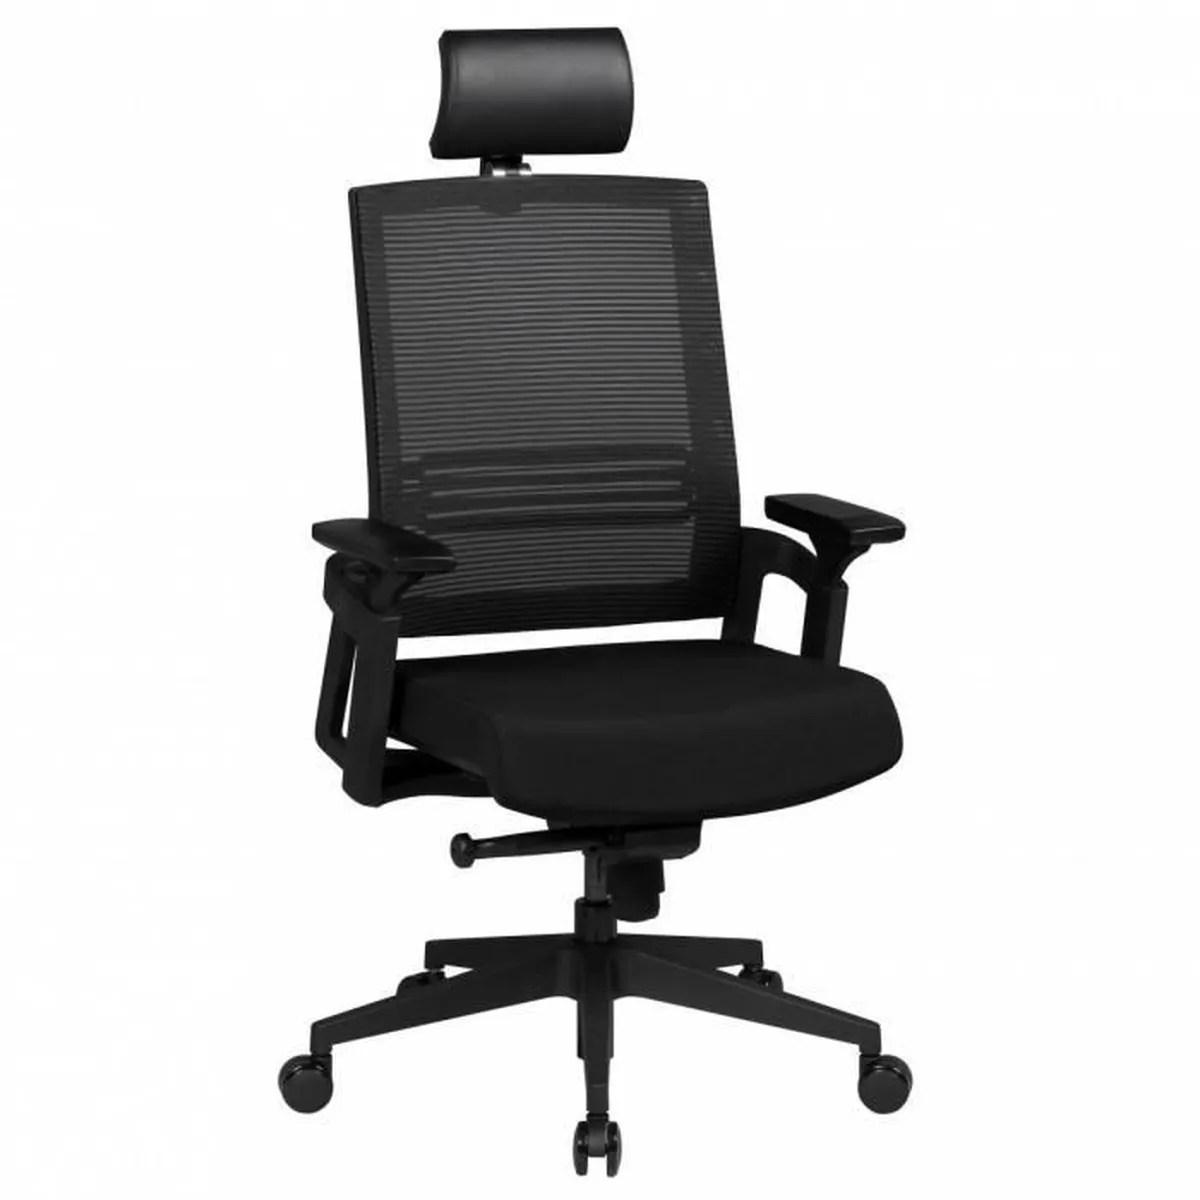 Chaise De Bureau APOLLO A1 Chaise De Bureau En Tissu Noir